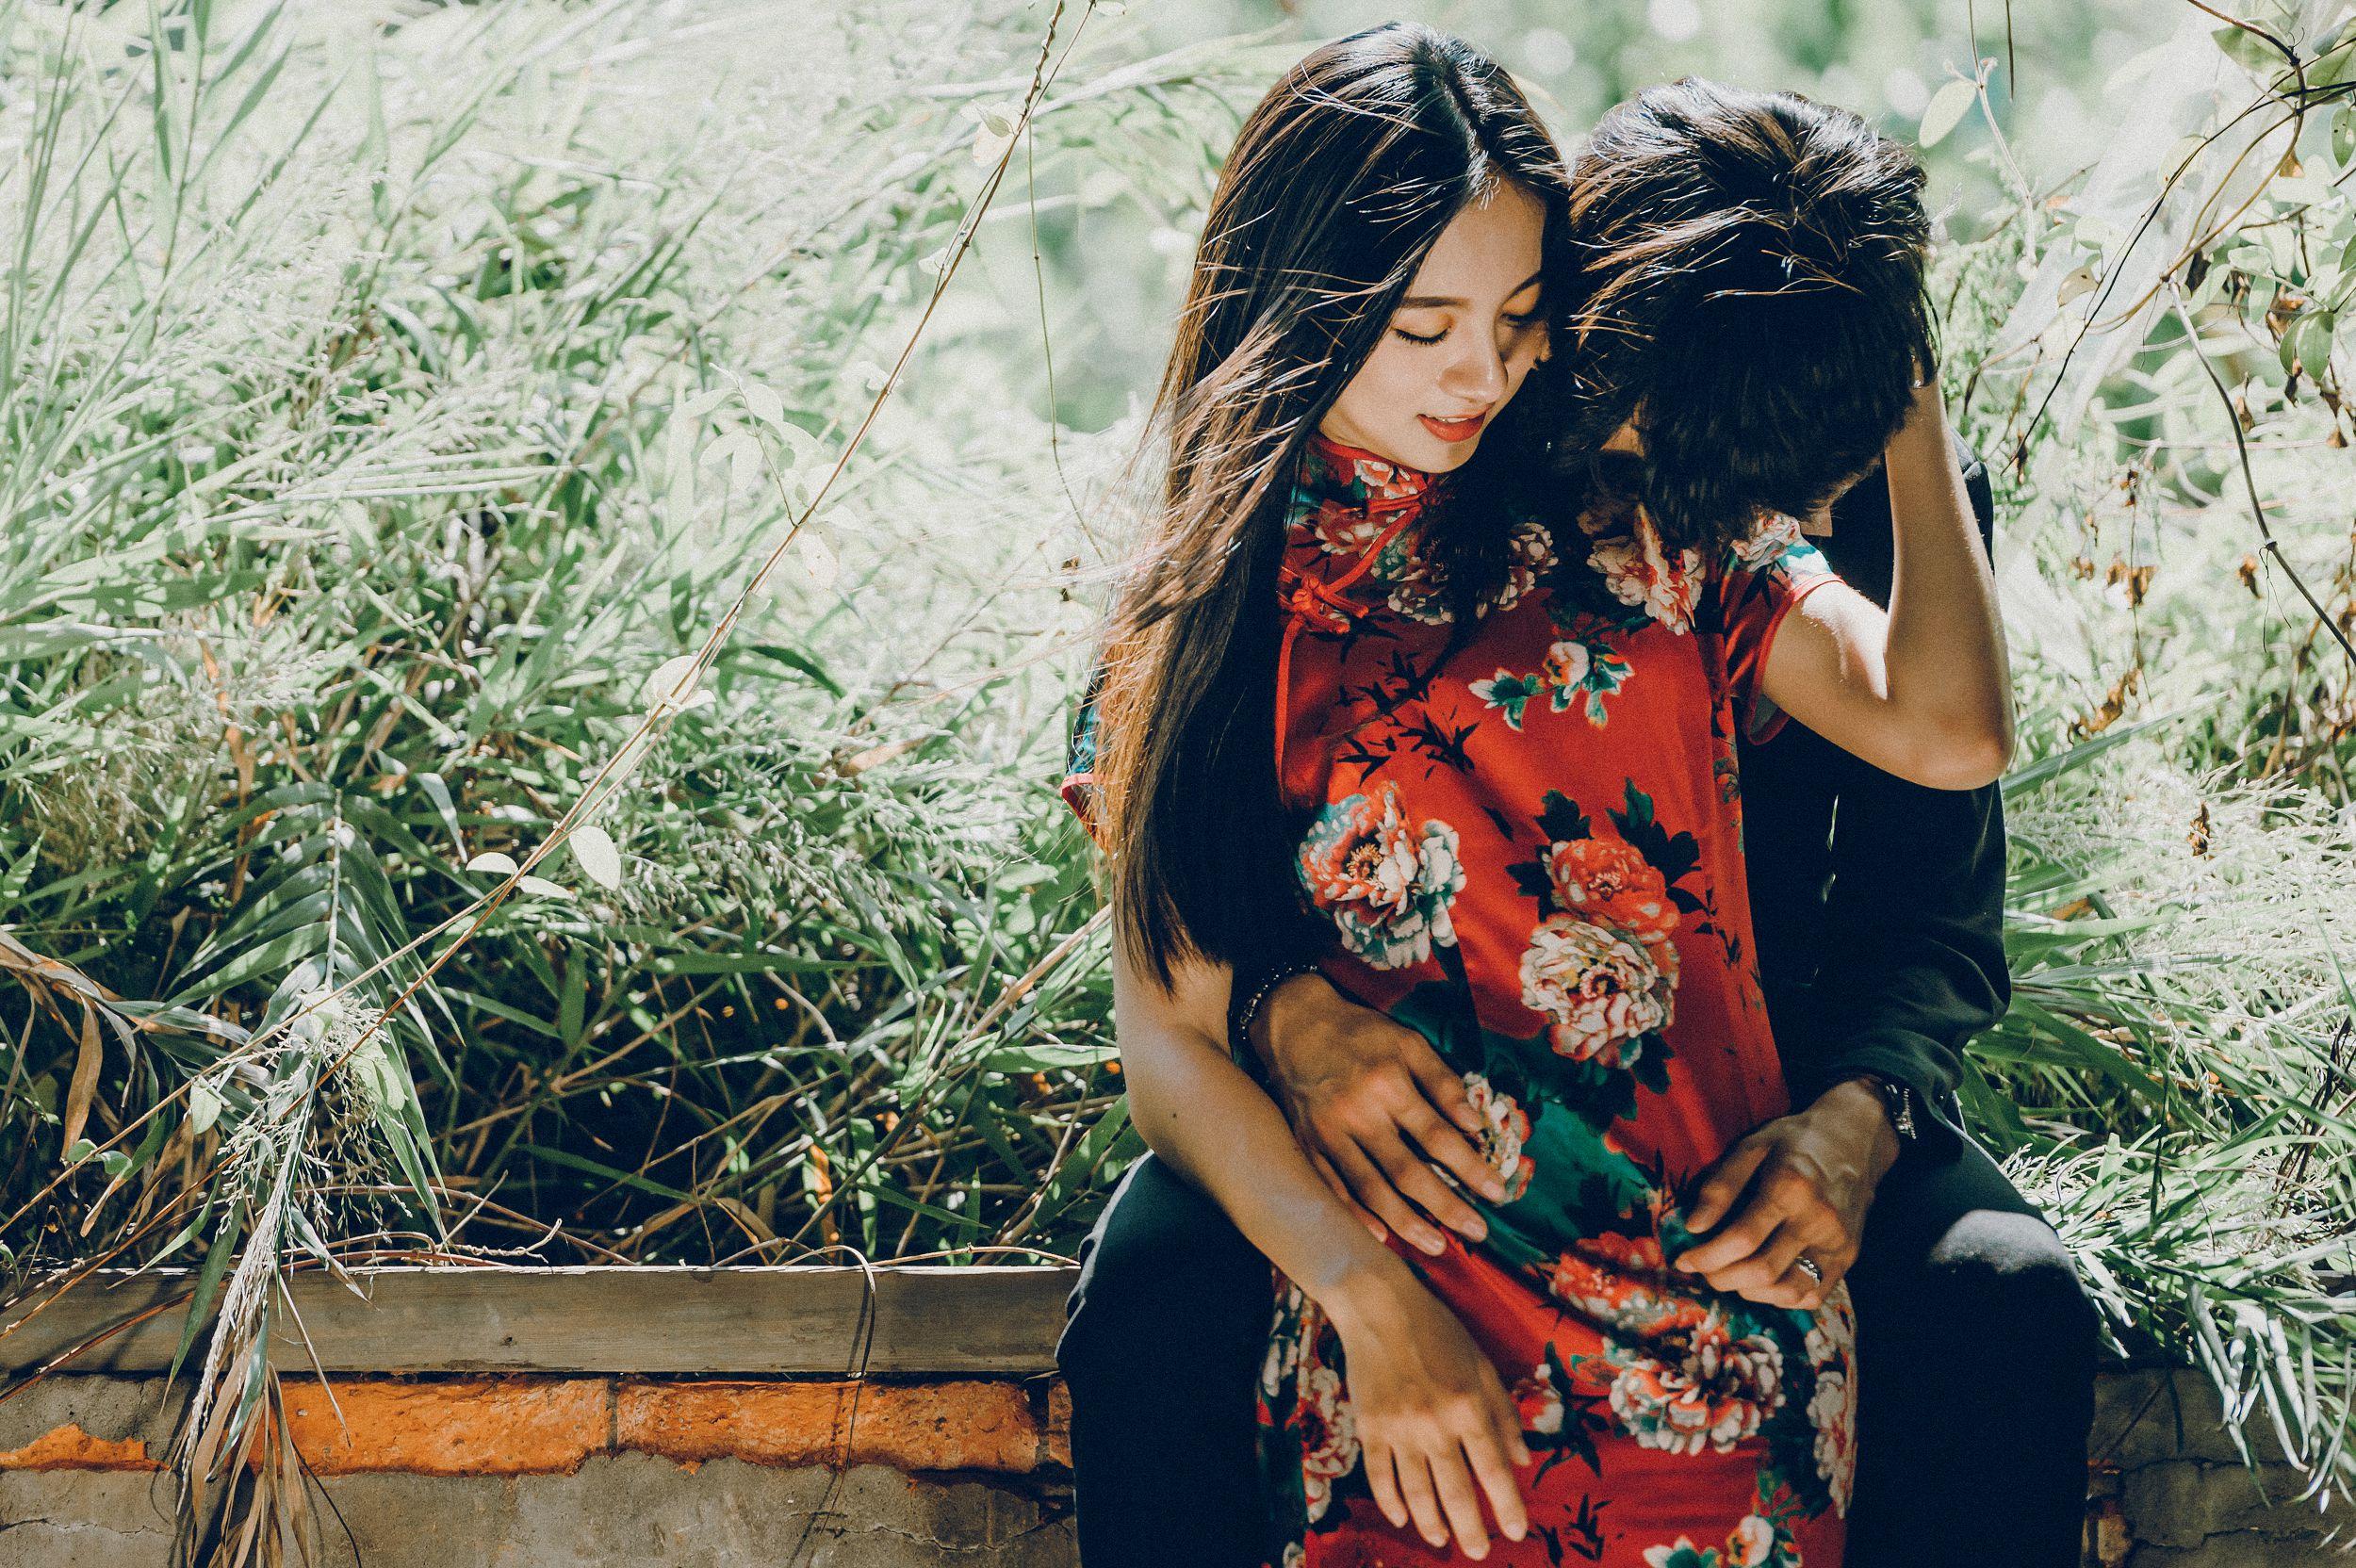 游阿三,自助婚紗,七顆梨西服,七顆梨旗袍,帕米絲婚紗工作室,廢墟,新竹,海邊,沙灘,小花園造型,自然清新,美式風格,自然互動,禮服穿搭,婚攝,台北婚紗,